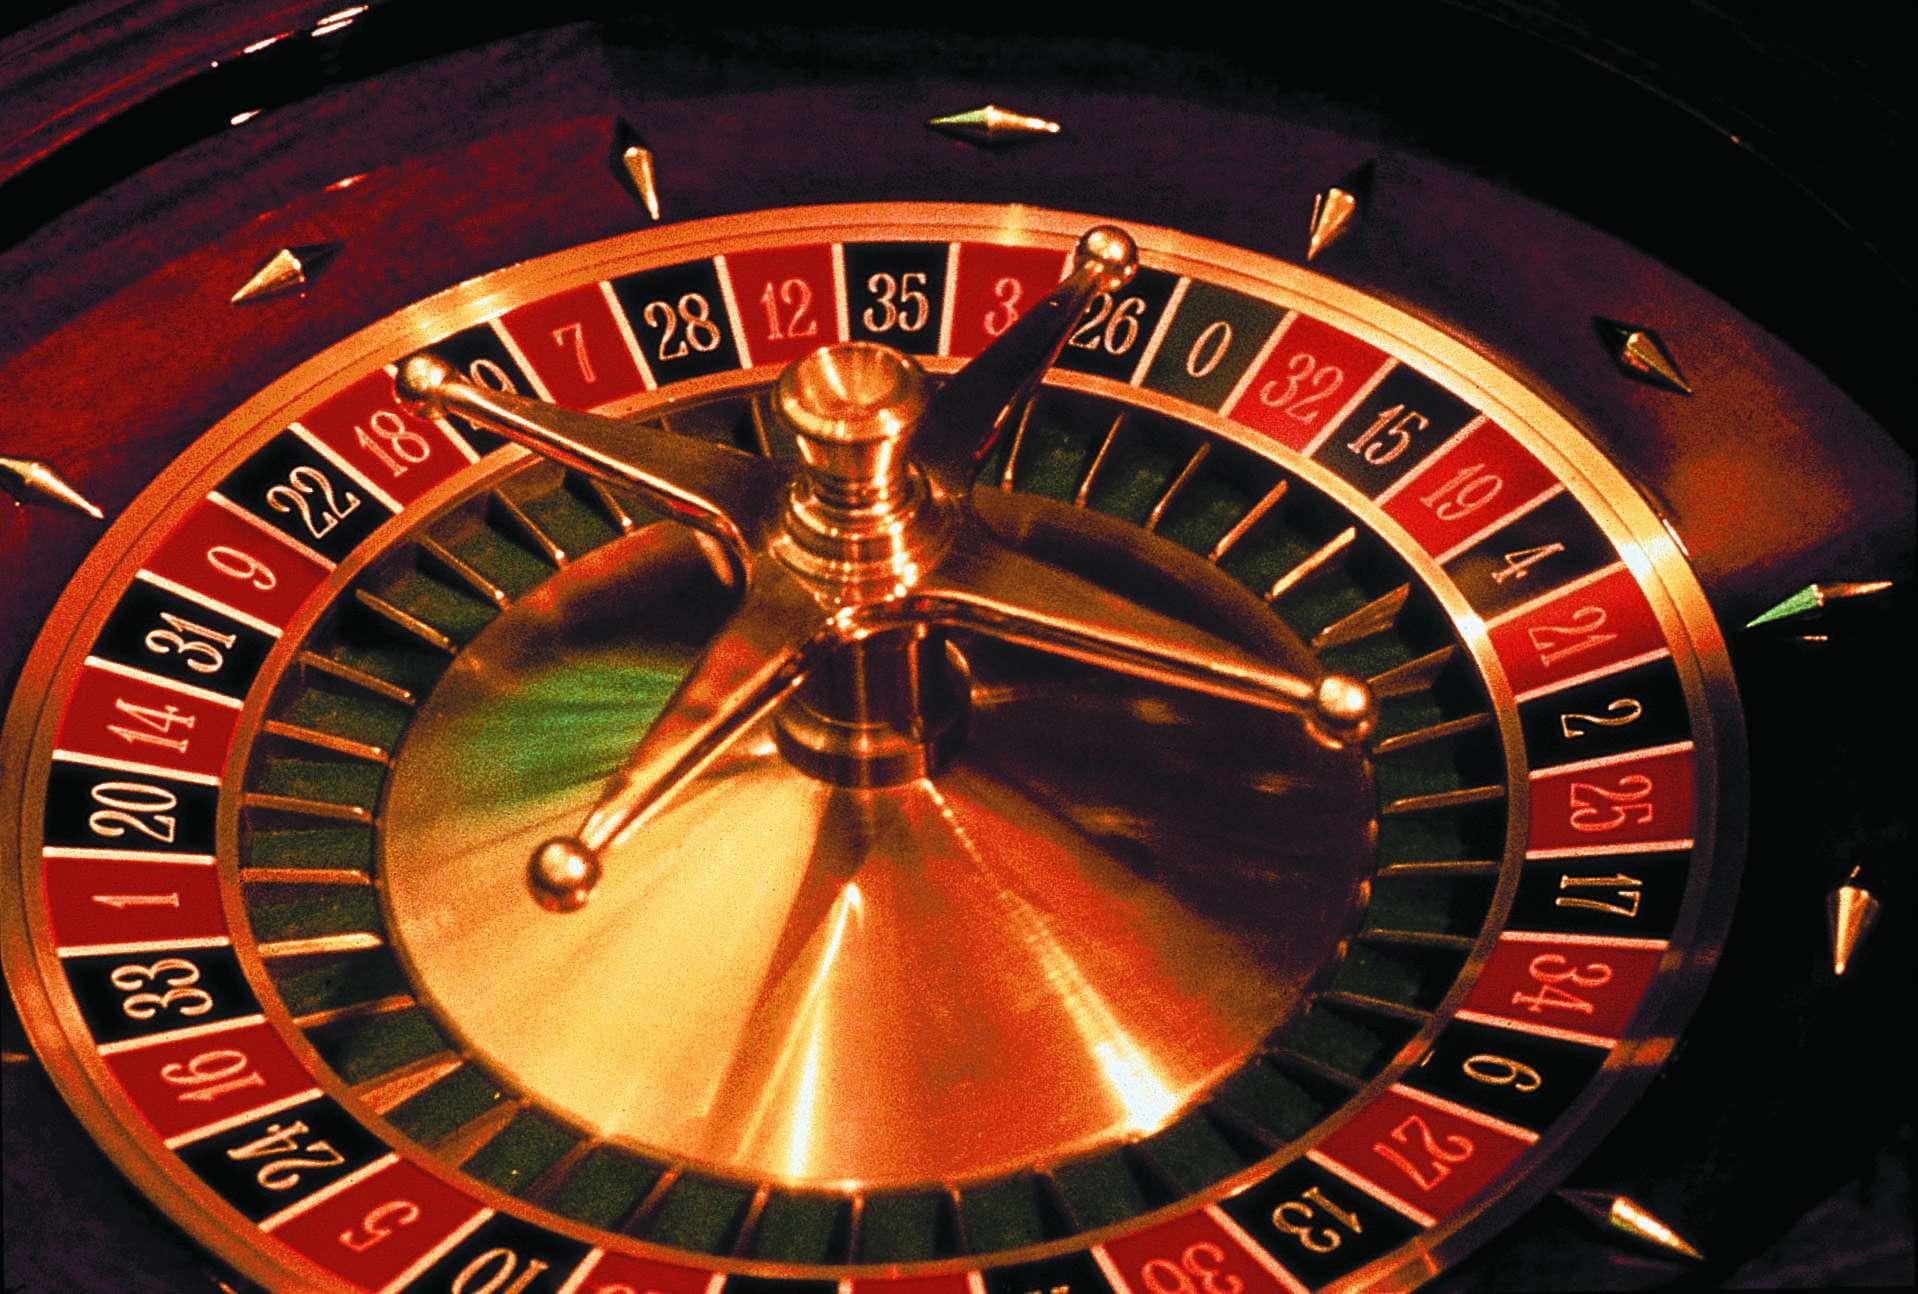 Jeux casino: les règles des jeux progressifs